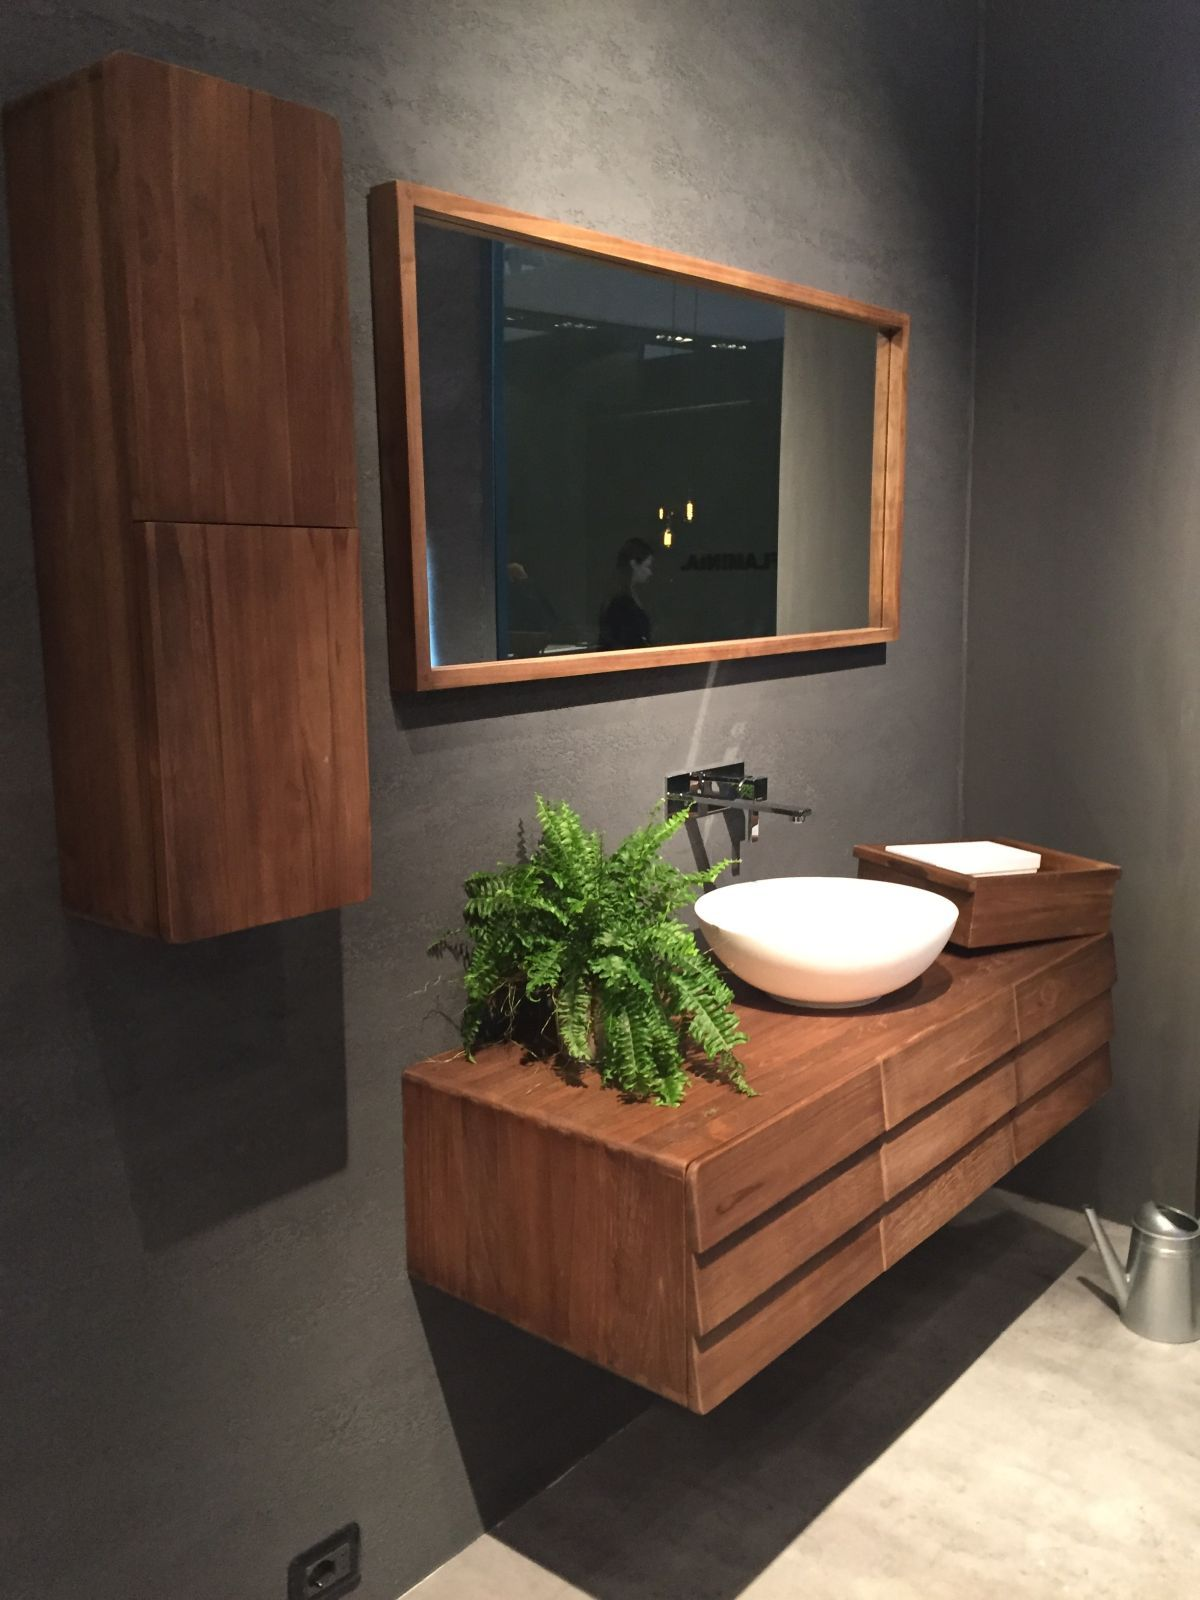 121 Bathroom Vanity Ideas Verity Jayne Modern Bathroom Vanity Modern Bathroom Bathroom Vanity Designs [ 1600 x 1200 Pixel ]